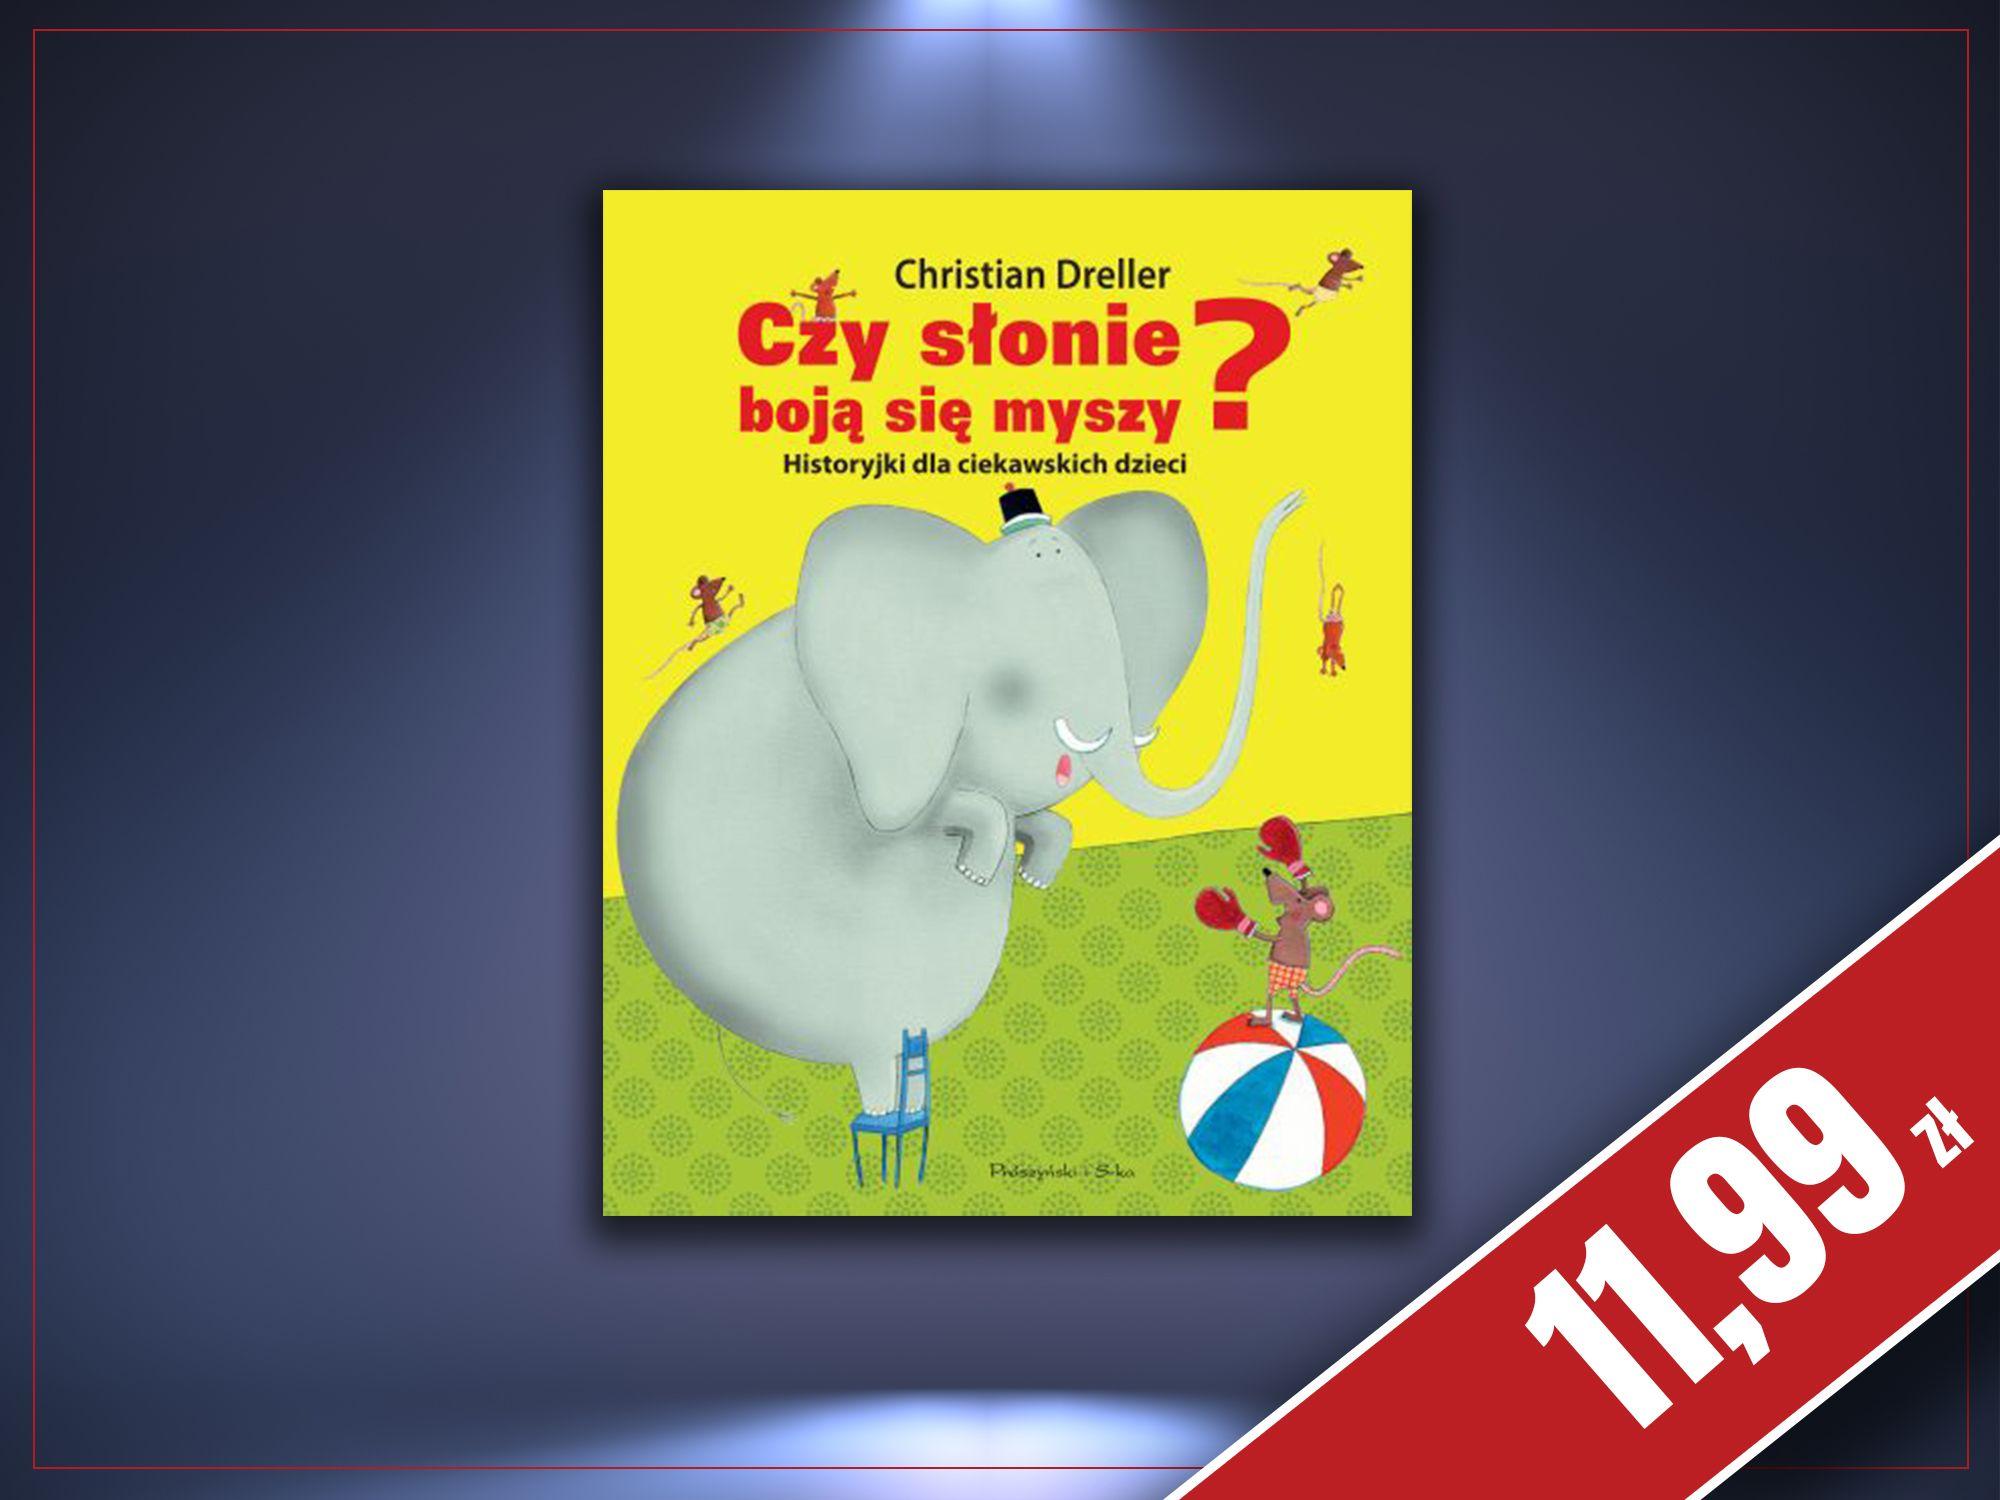 Czy słonie boją się myszy Historyjki dla ciekawskich dzieci, Christian Dreller